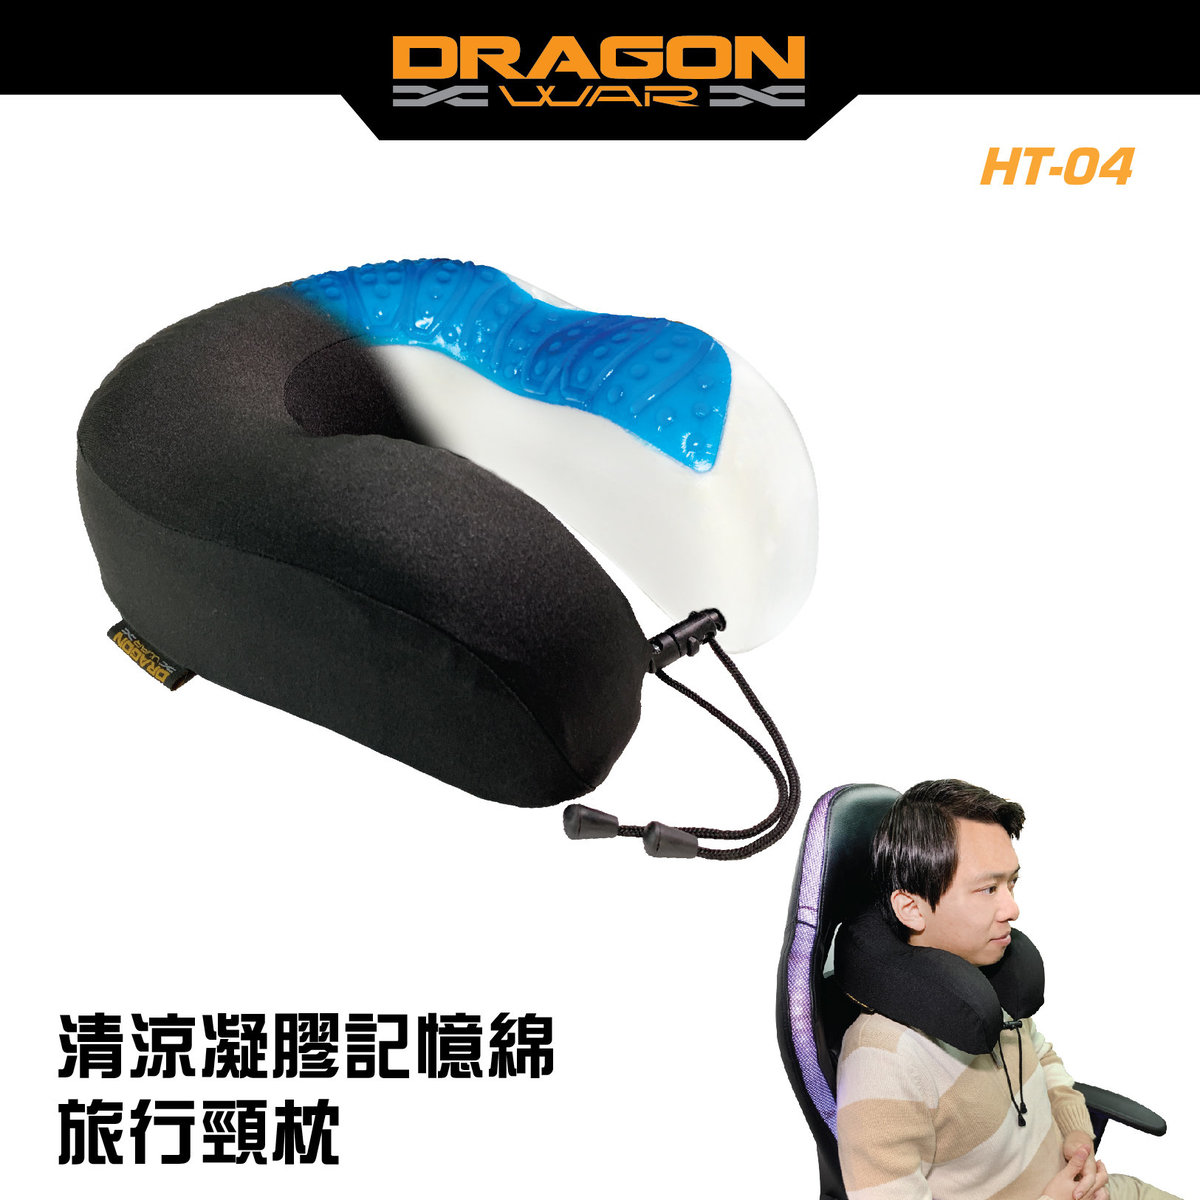 HT-04 清涼凝膠記憶棉U型枕 舒適旅行枕 送護目鏡